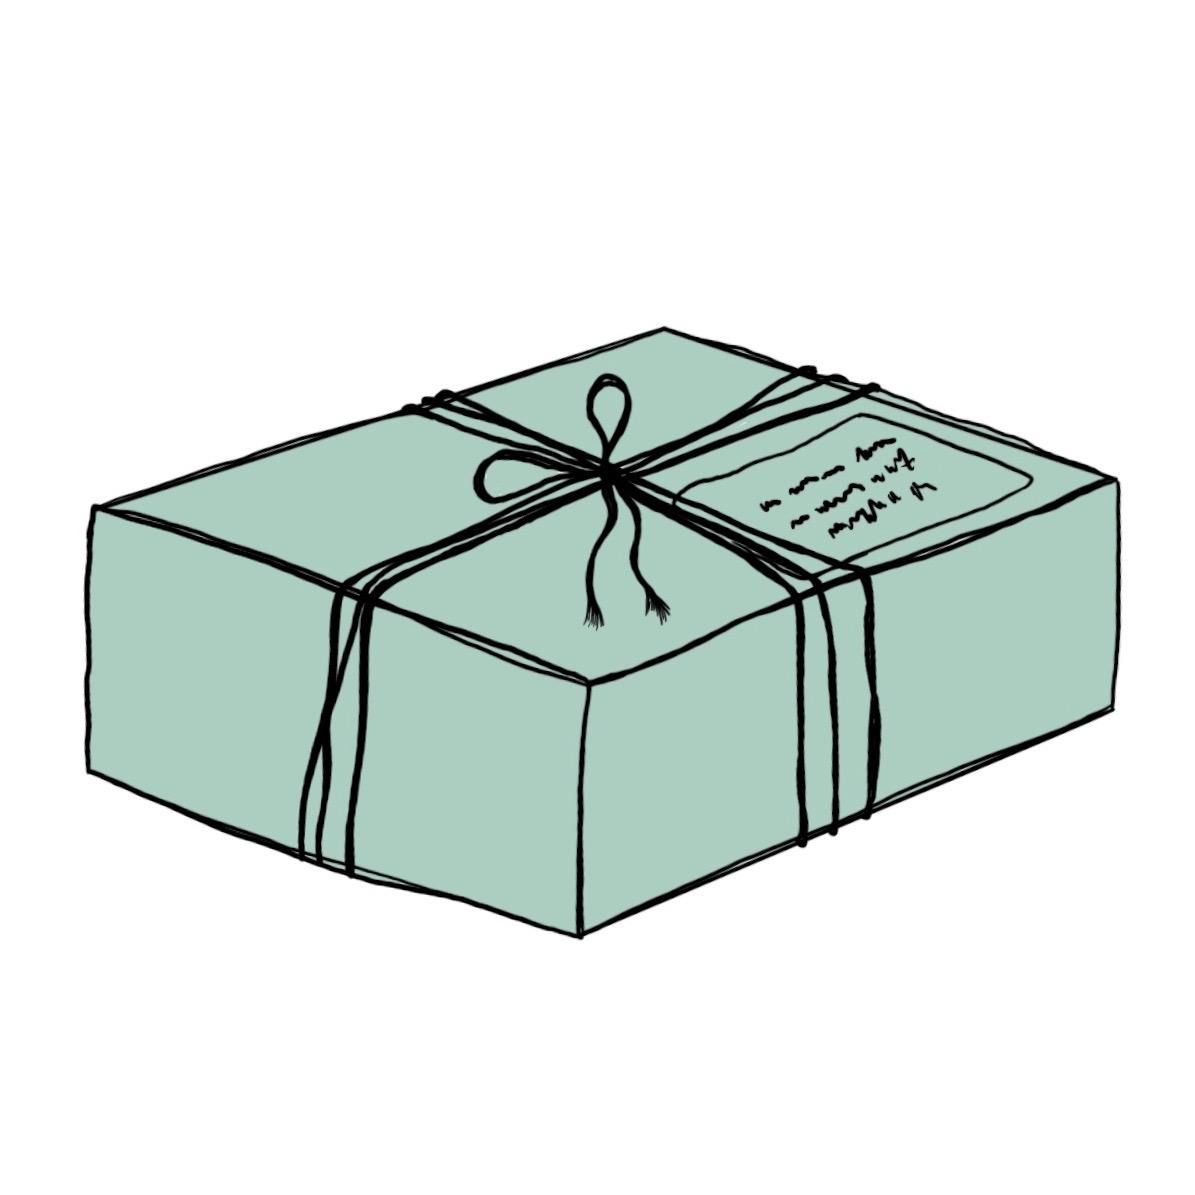 pakket pakketje met kaarten